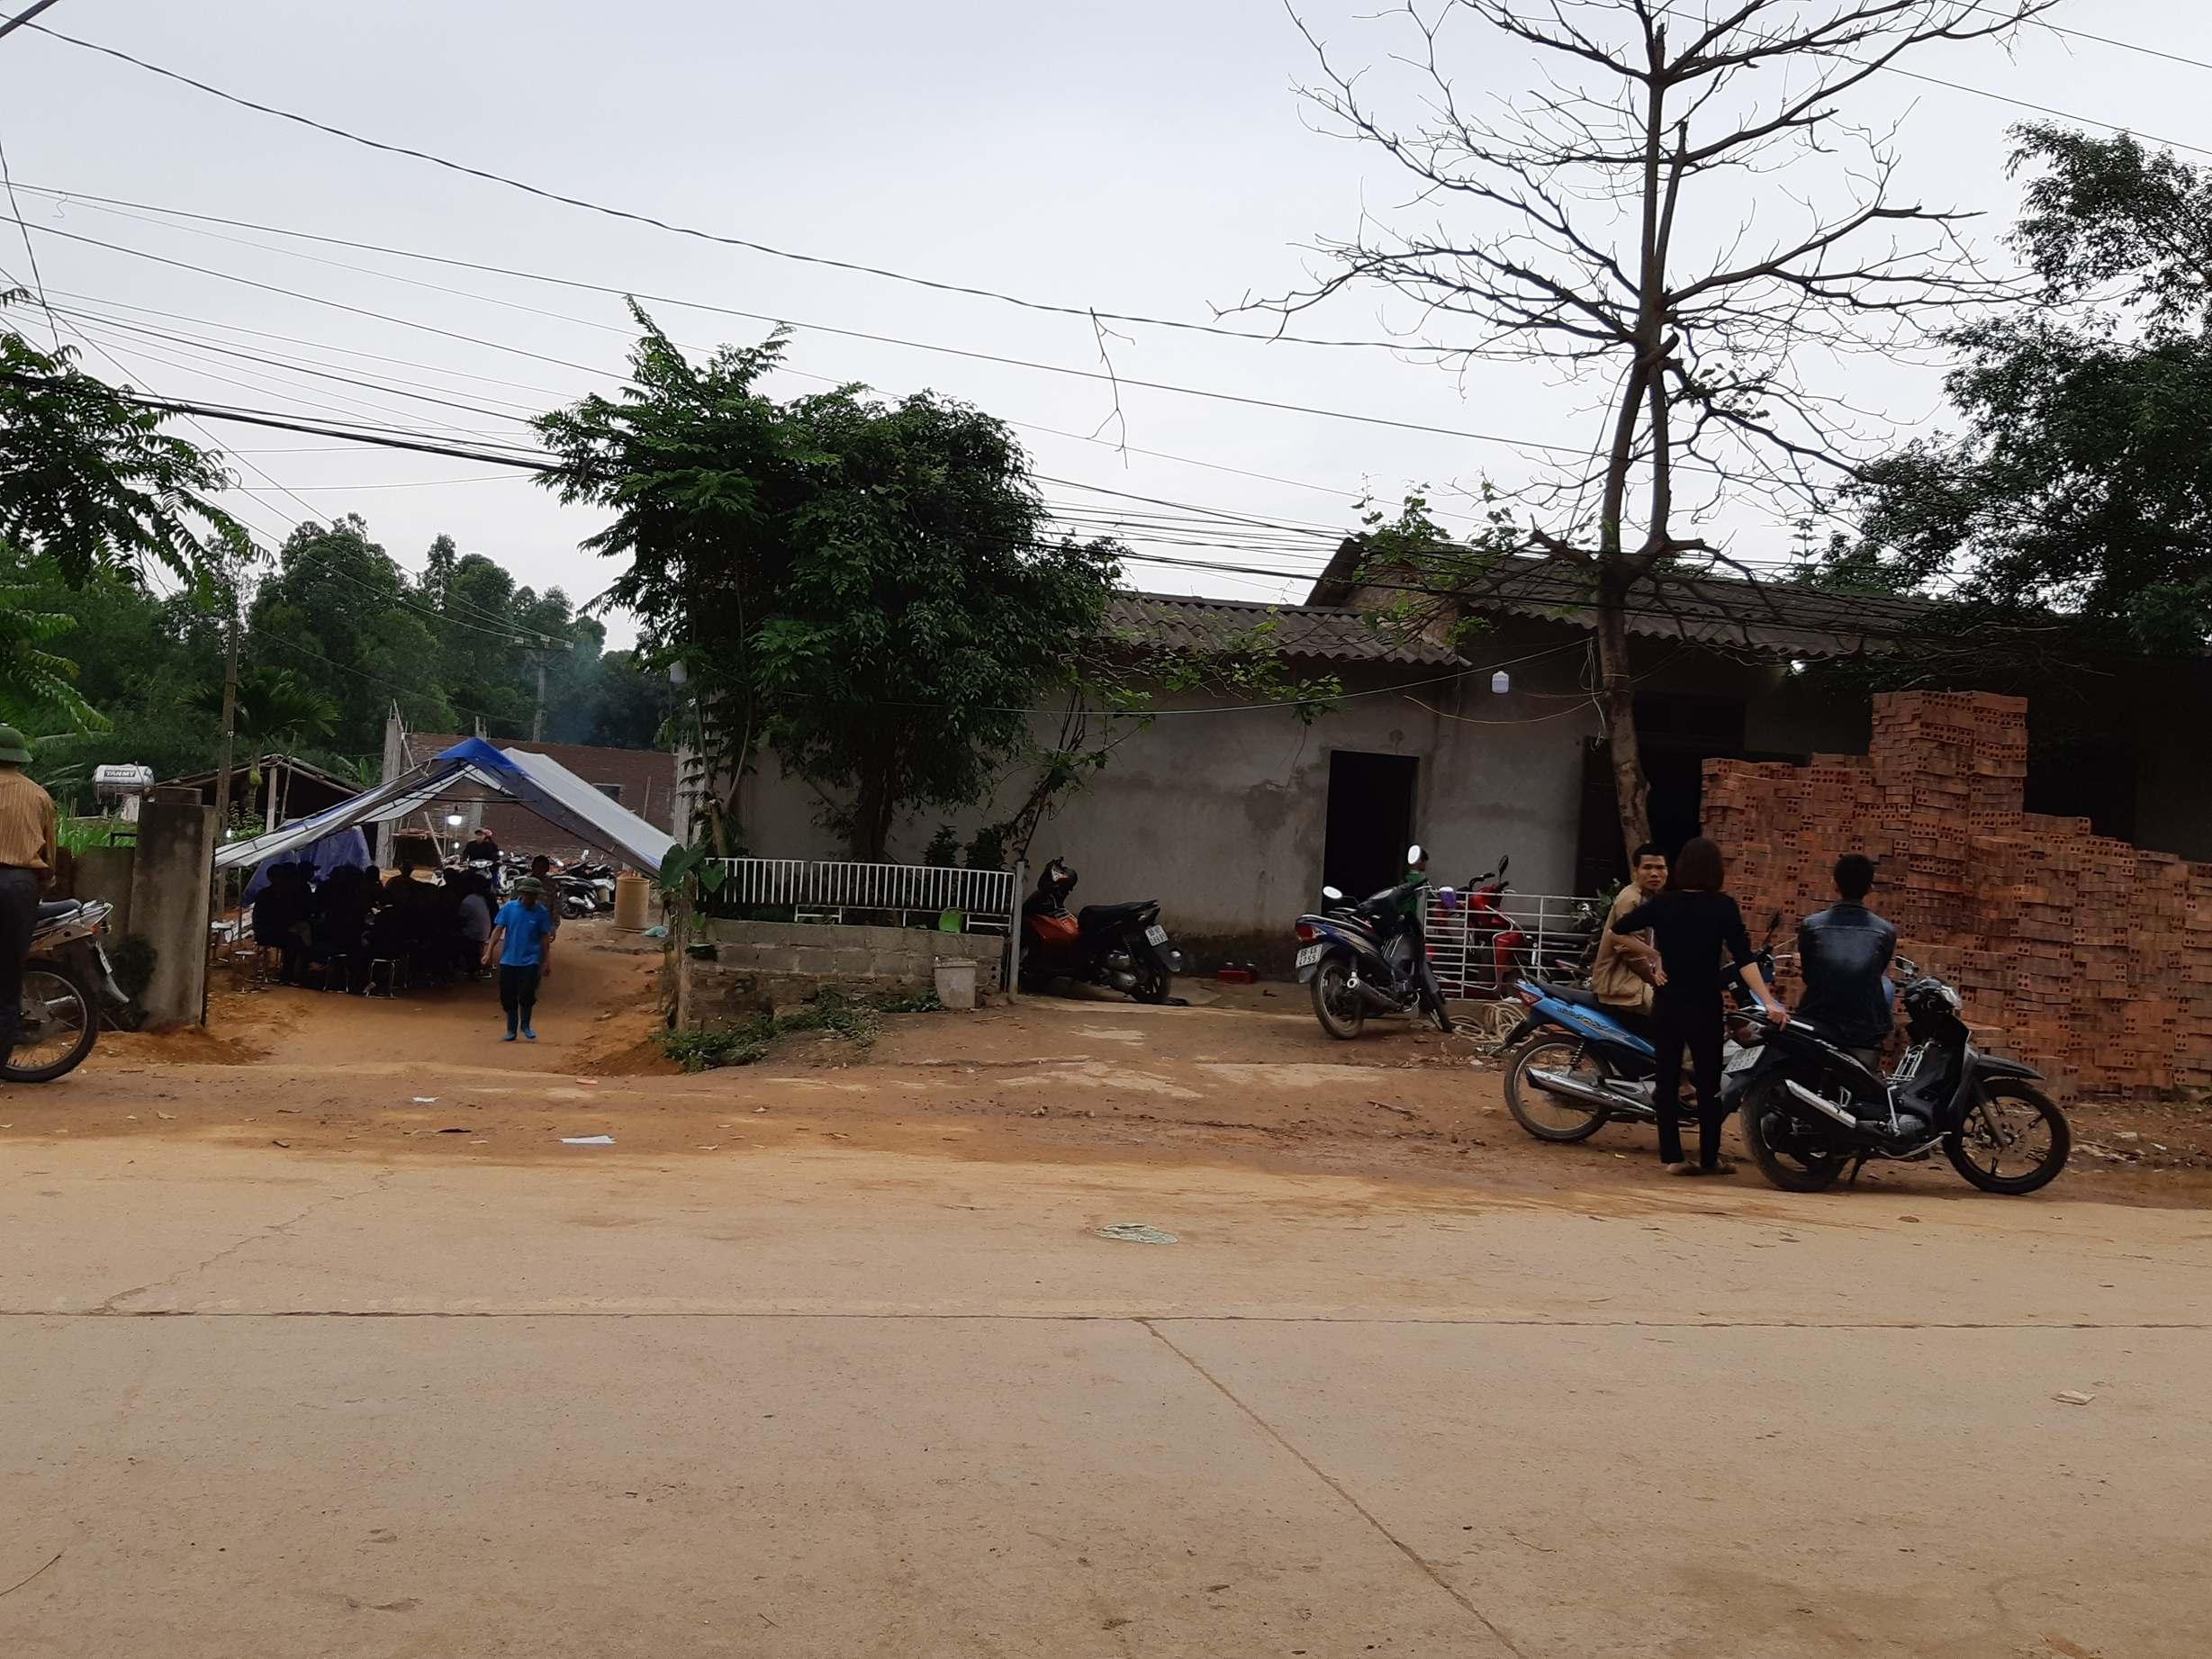 Hình ảnh Nguyên nhân gây sốc vụ bé trai 8 tuổi bị sát hại tại nhà ở Vĩnh Phúc số 1